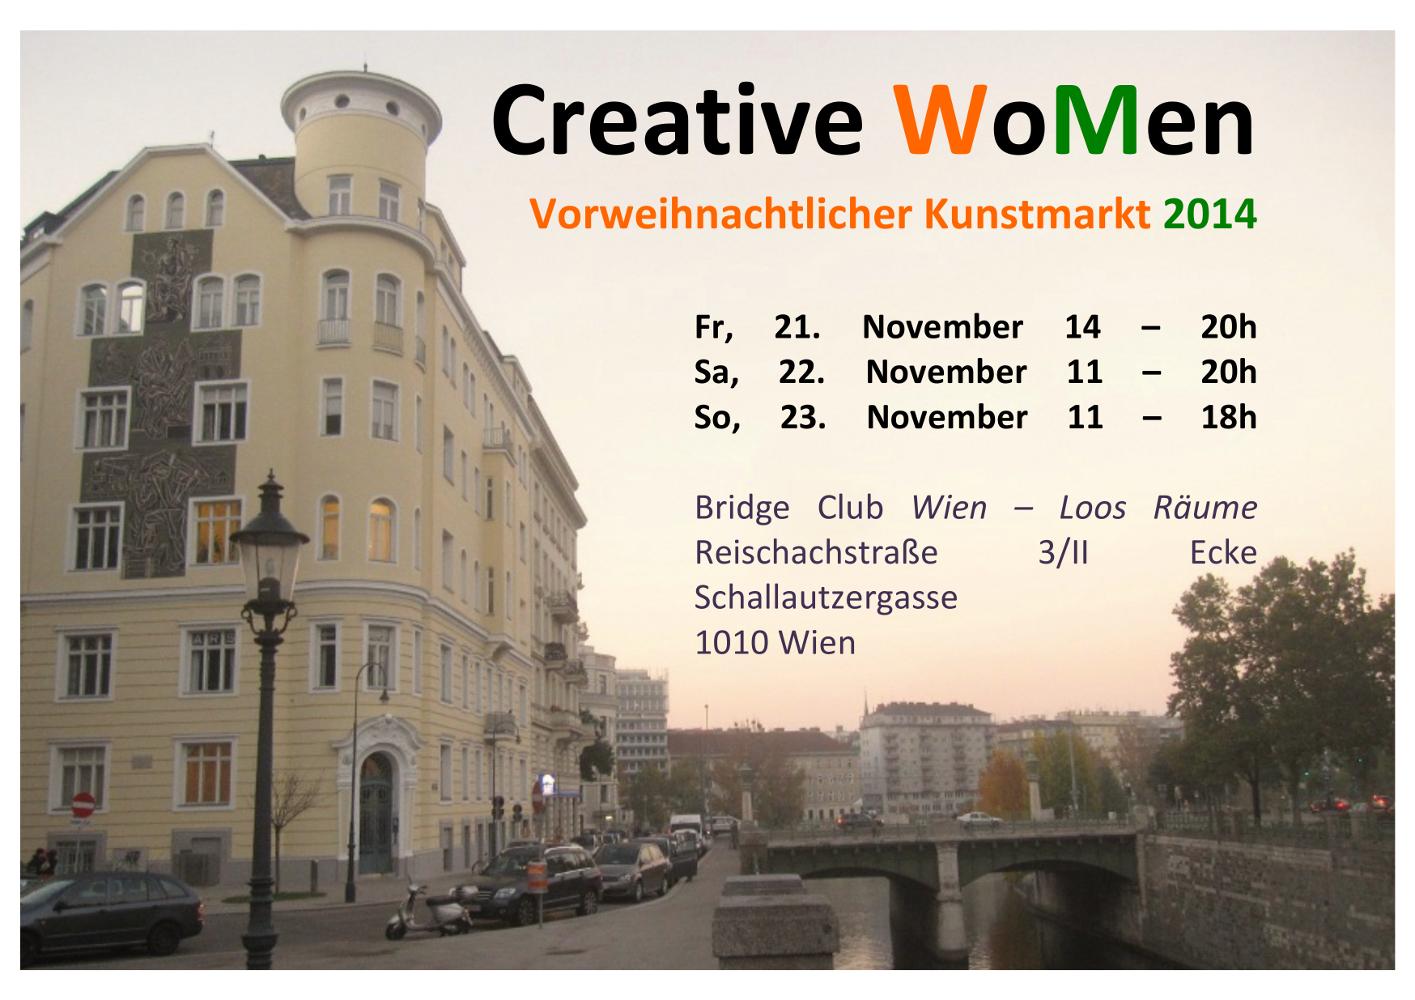 Vorweihnachtlicher Kunstmarkt im Bridge Club Wien, Loosräume